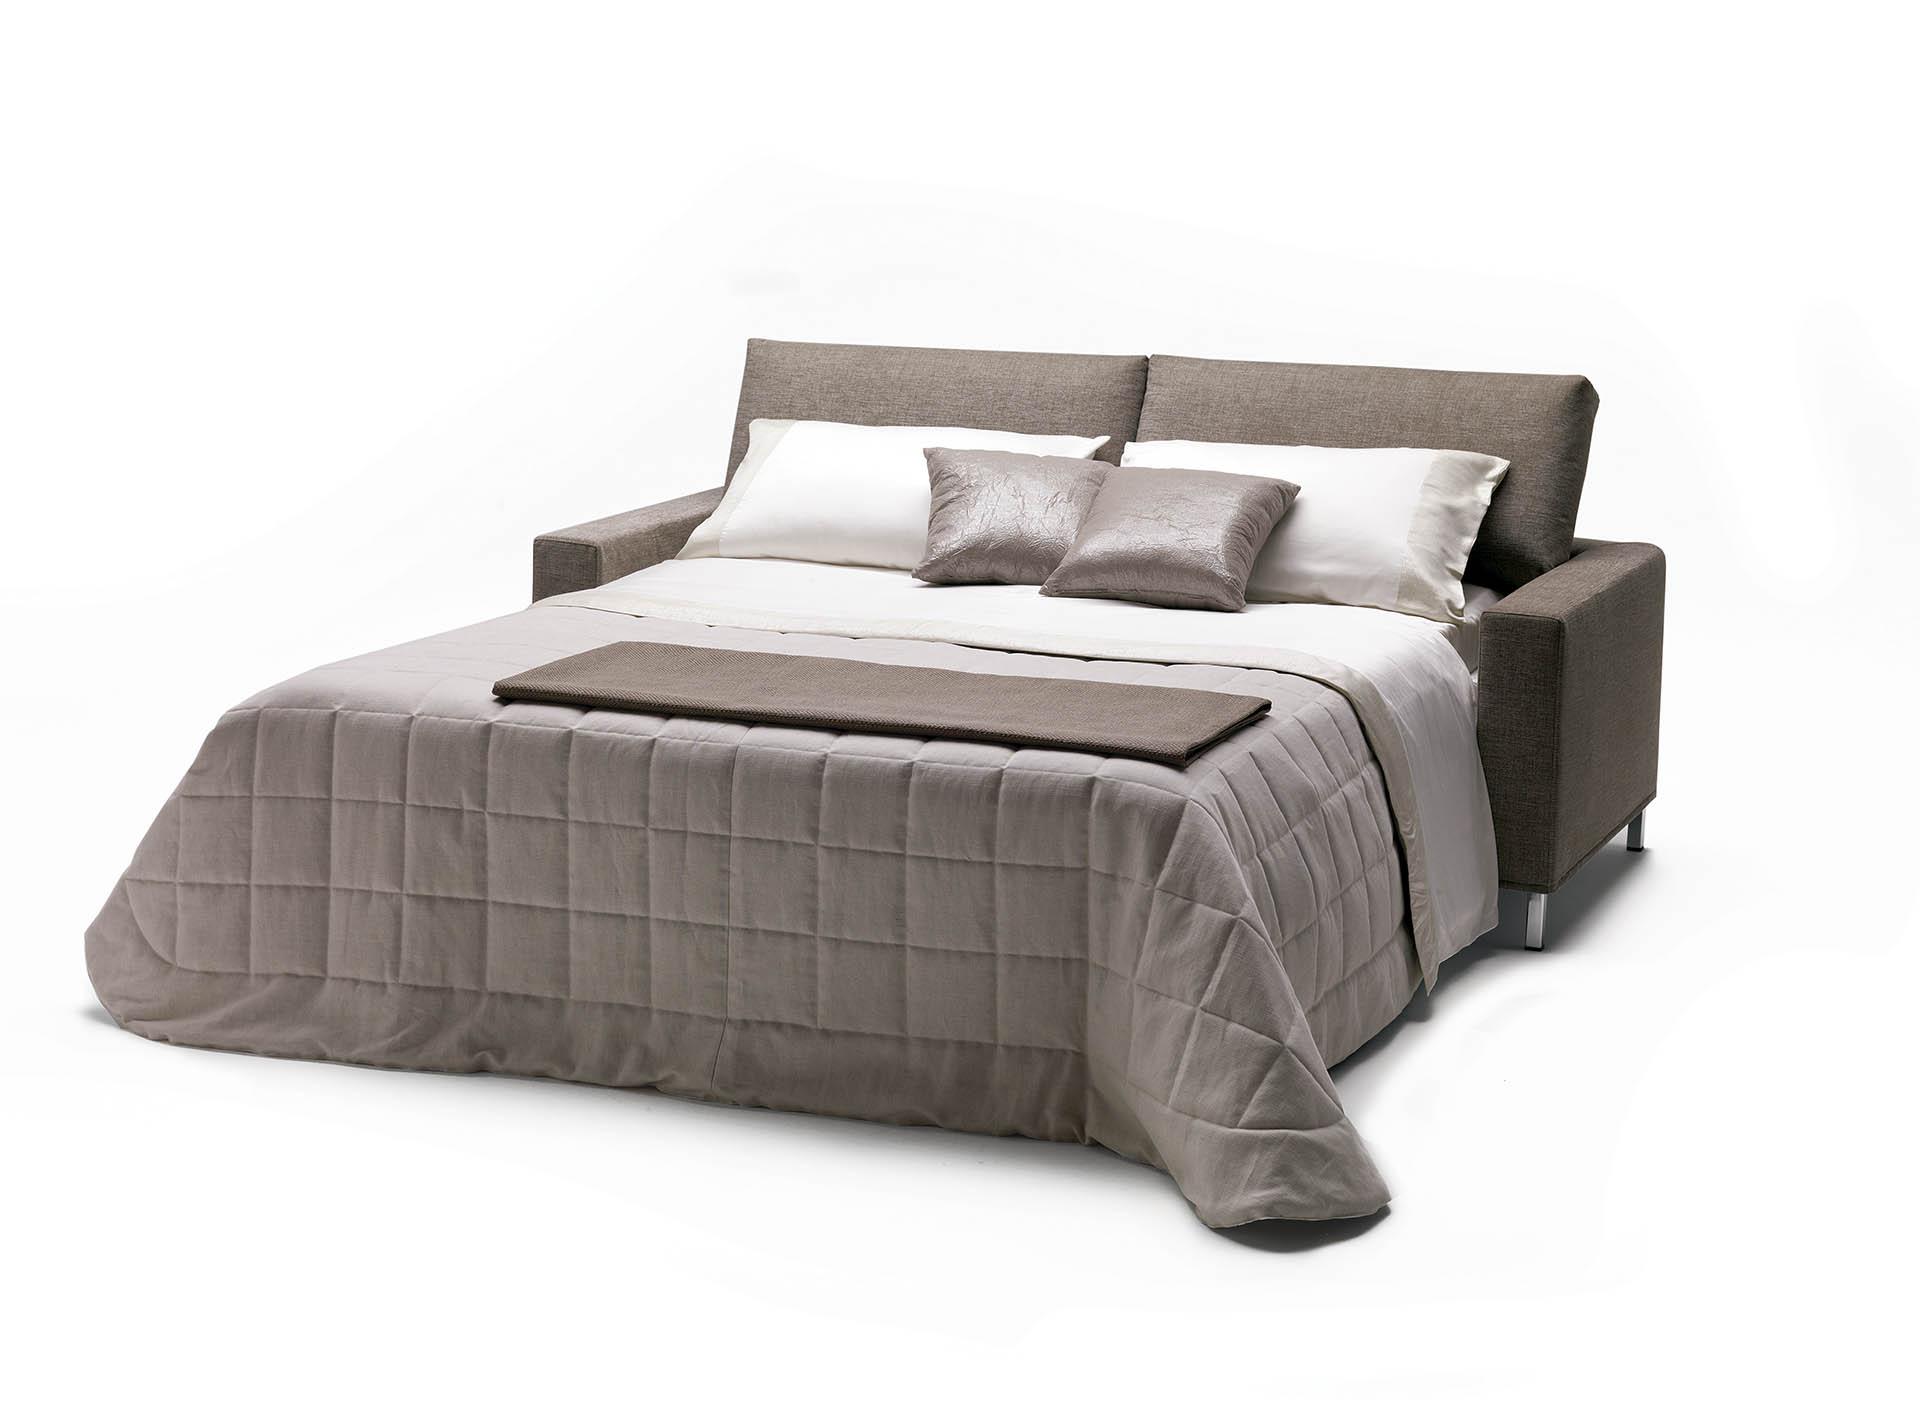 Milano bedding divano letto james for Milano bedding